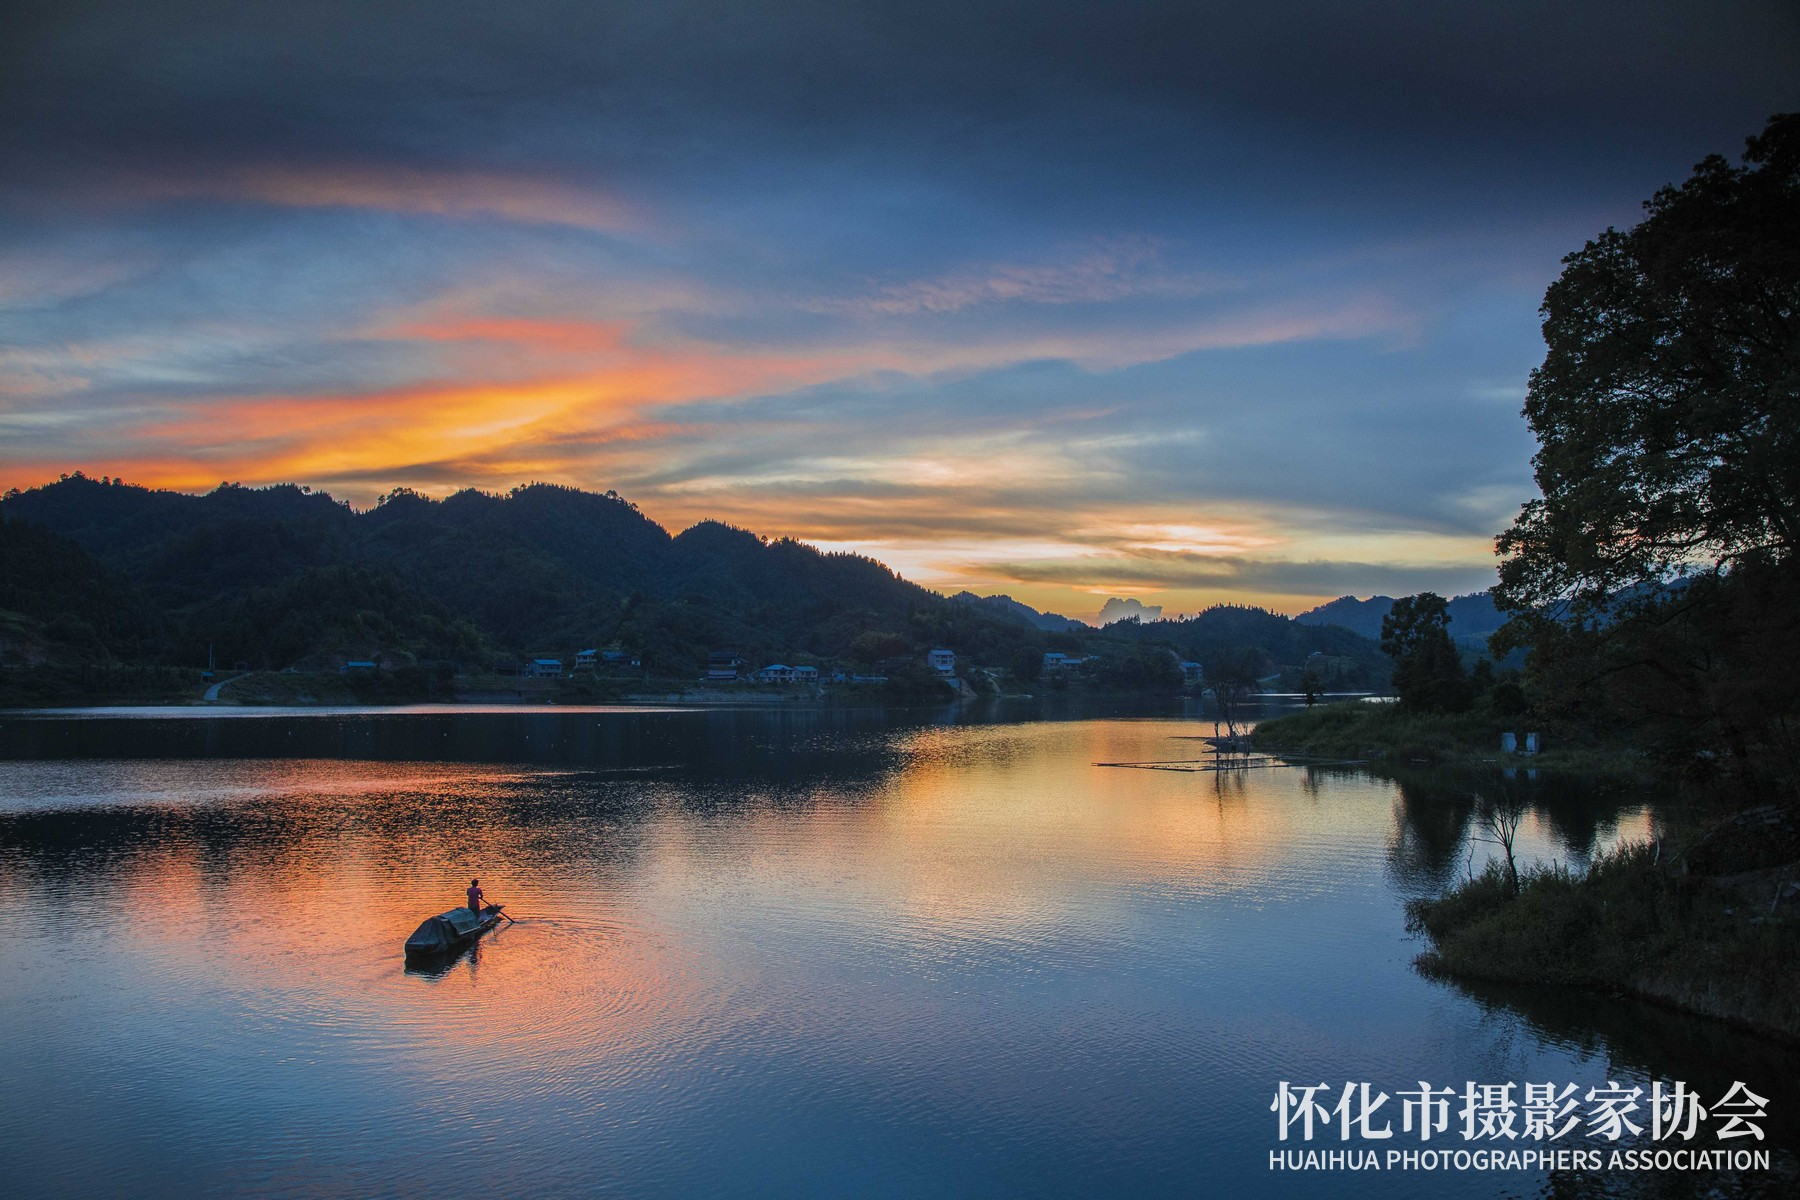 霞染渠水---杨义高-摄于青朗乡东城村-电话18244860655